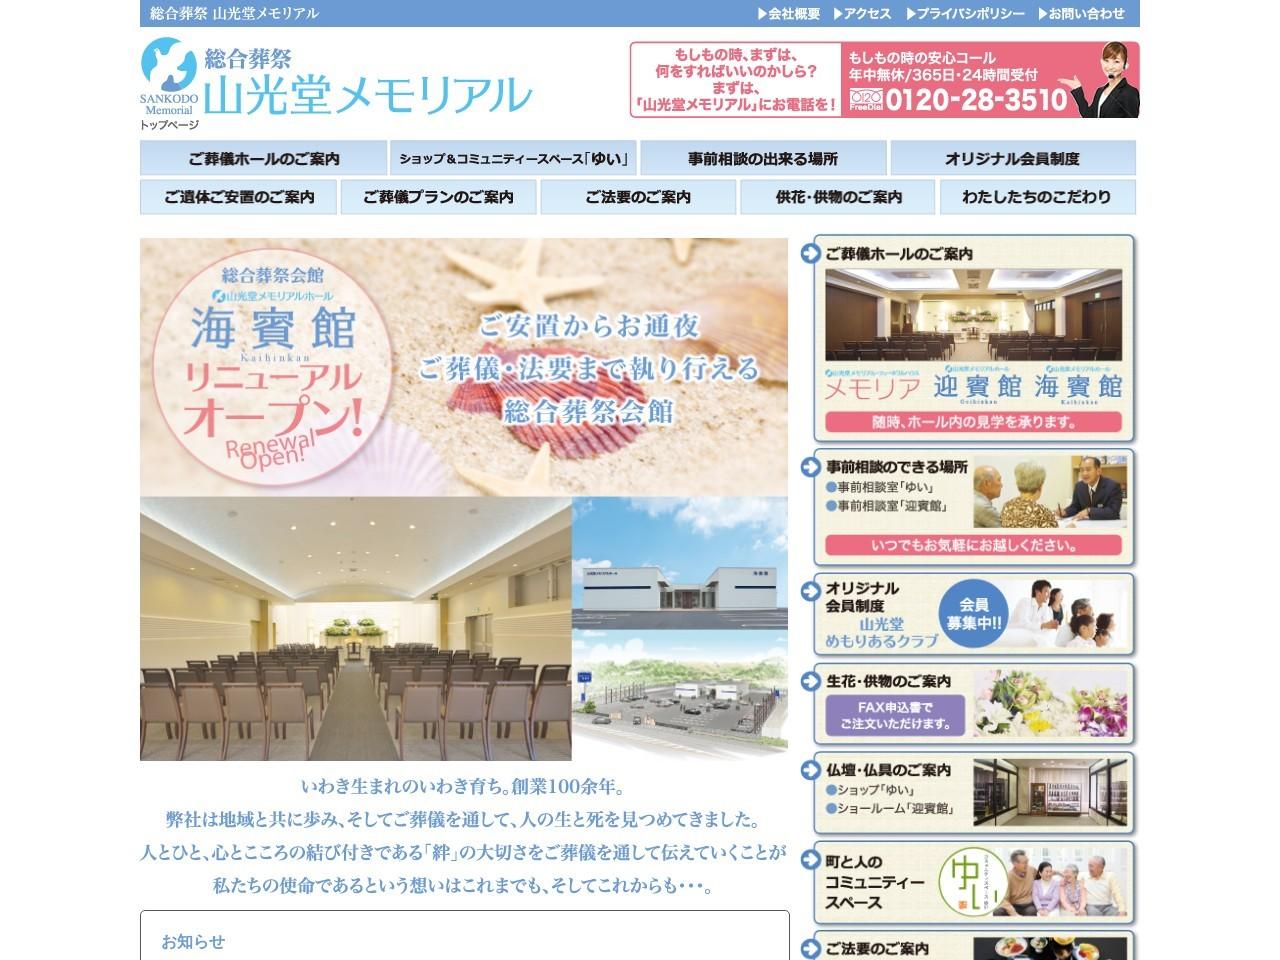 山光堂メモリアル/メモリアルホール迎賓館